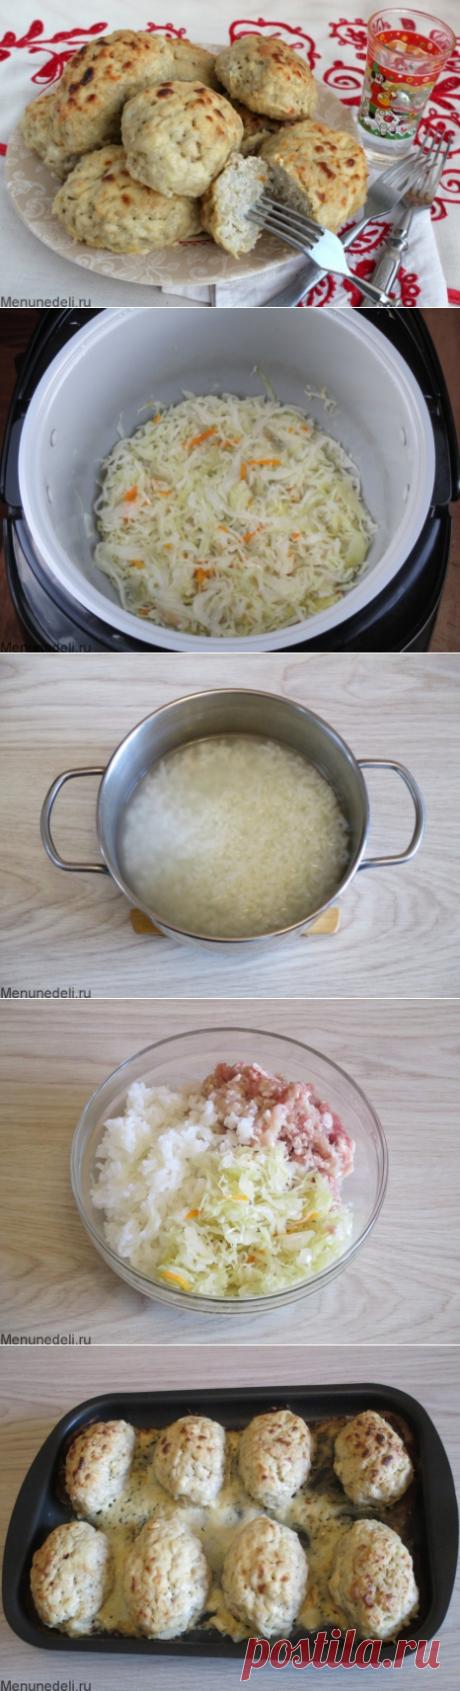 Рецепт ленивых голубцов из квашеной капусты / Меню недели